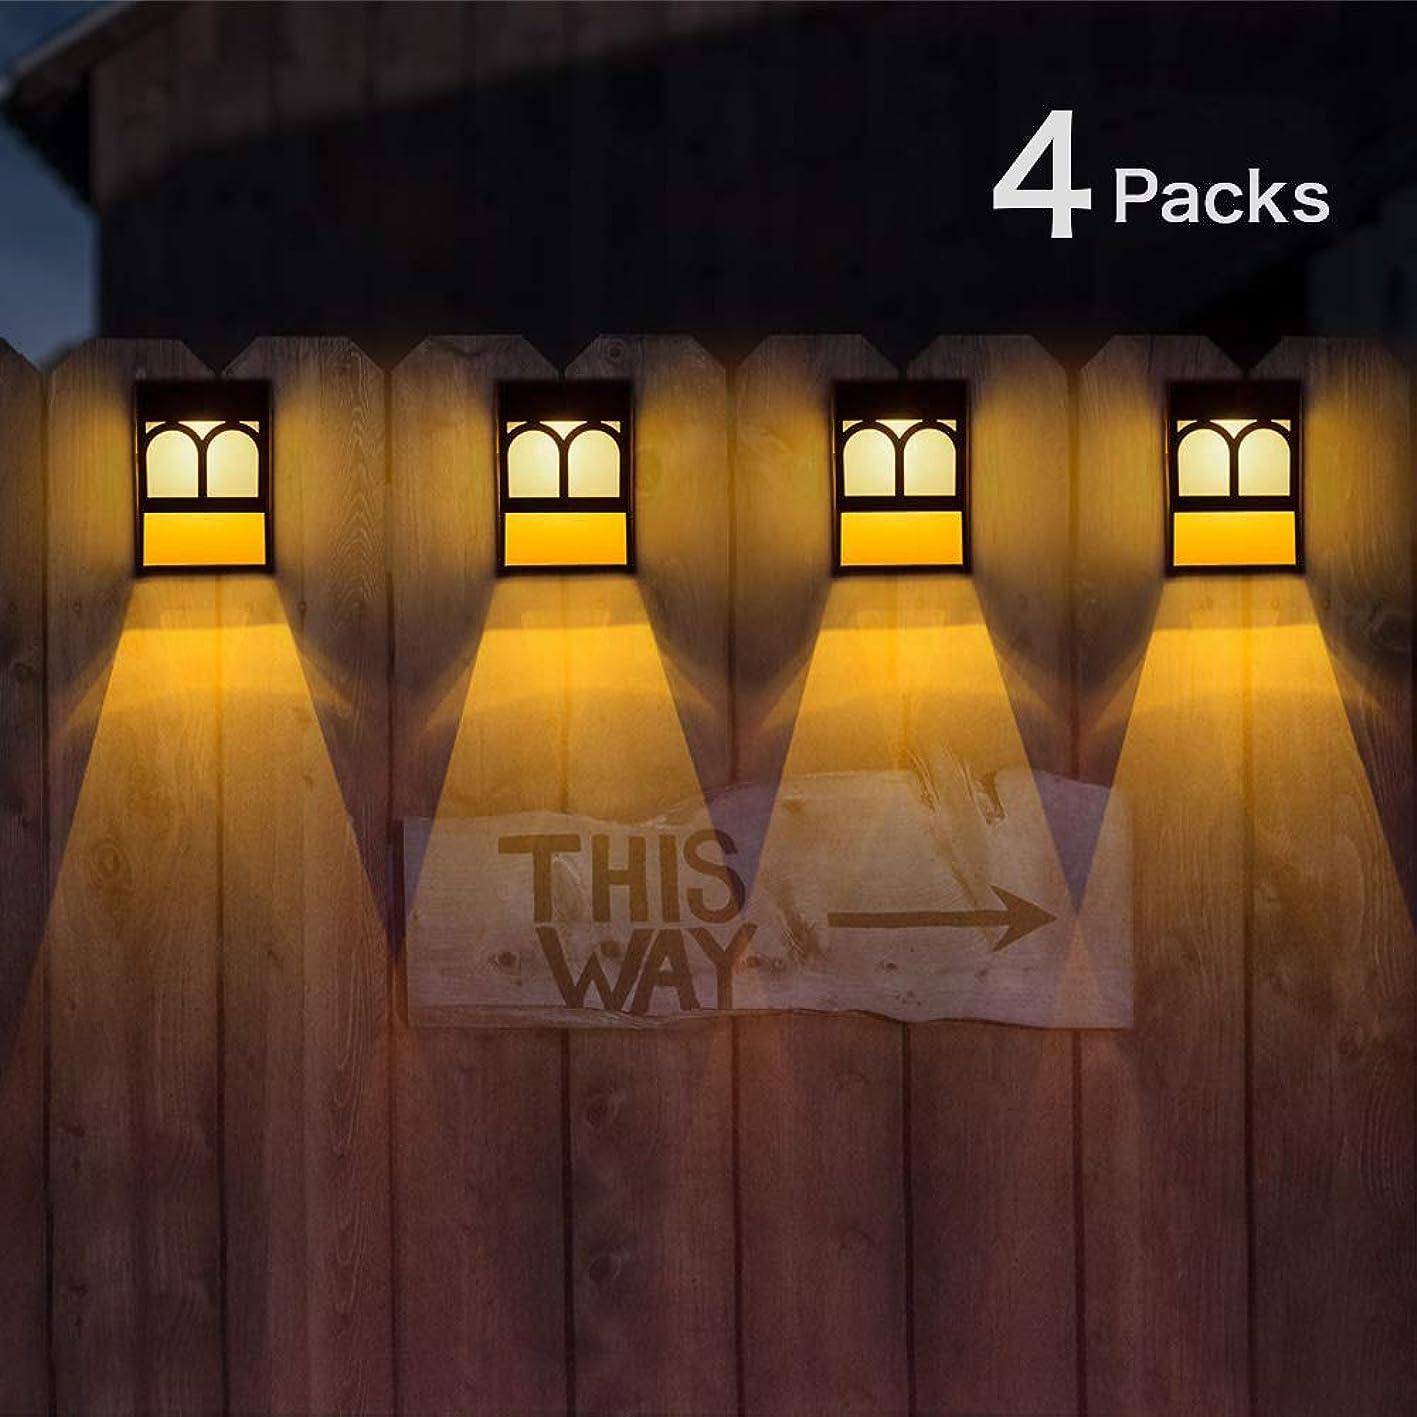 揃える要求反動WUHUHAI ソーラーライト 屋外ウォールライト センサーライト 光 センサー ガーデンライト アウトドアライト 装飾ライト ソーラーLEDライト 電球色 暖色?六色モード切替 自動点灯 防災対策 太陽光発電 防水 省エネ ワイヤレス 庭園 ガーデン 玄関 駐車場 軒下 入り口 ポスト ガーデンに適用 4個セット